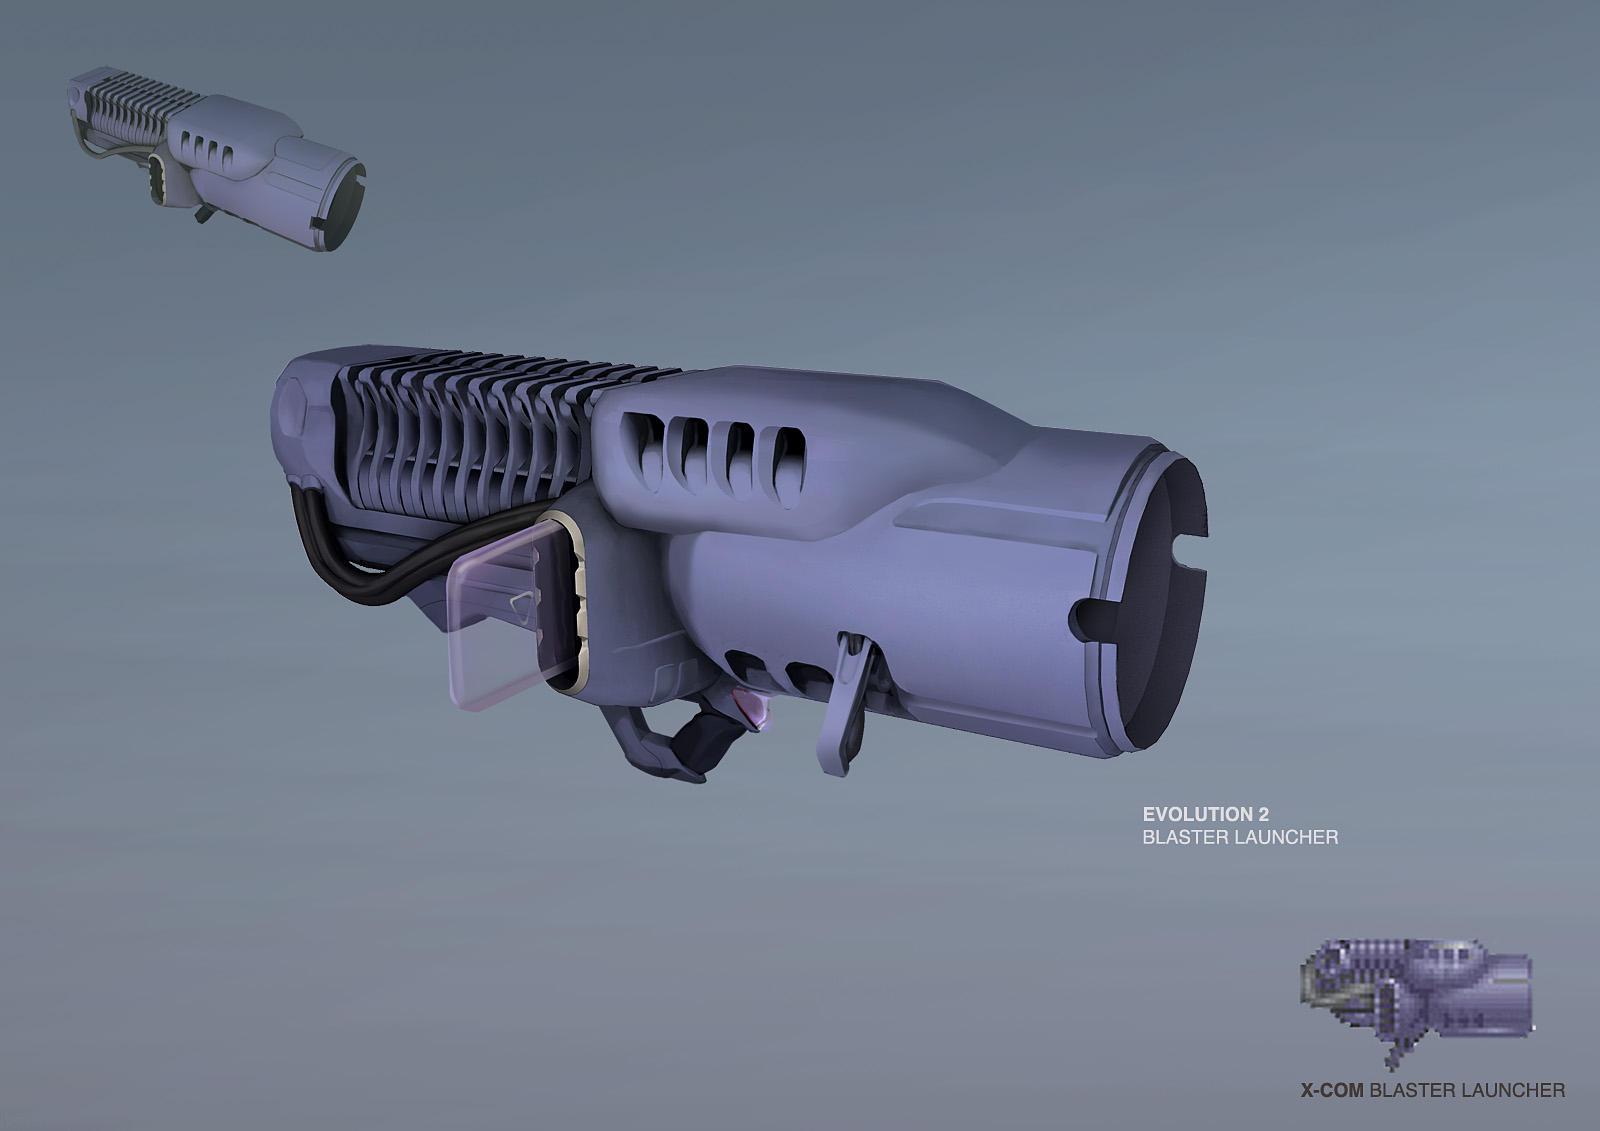 XCOM: DEEP RISING Blaster Launcher by ukitakumuki